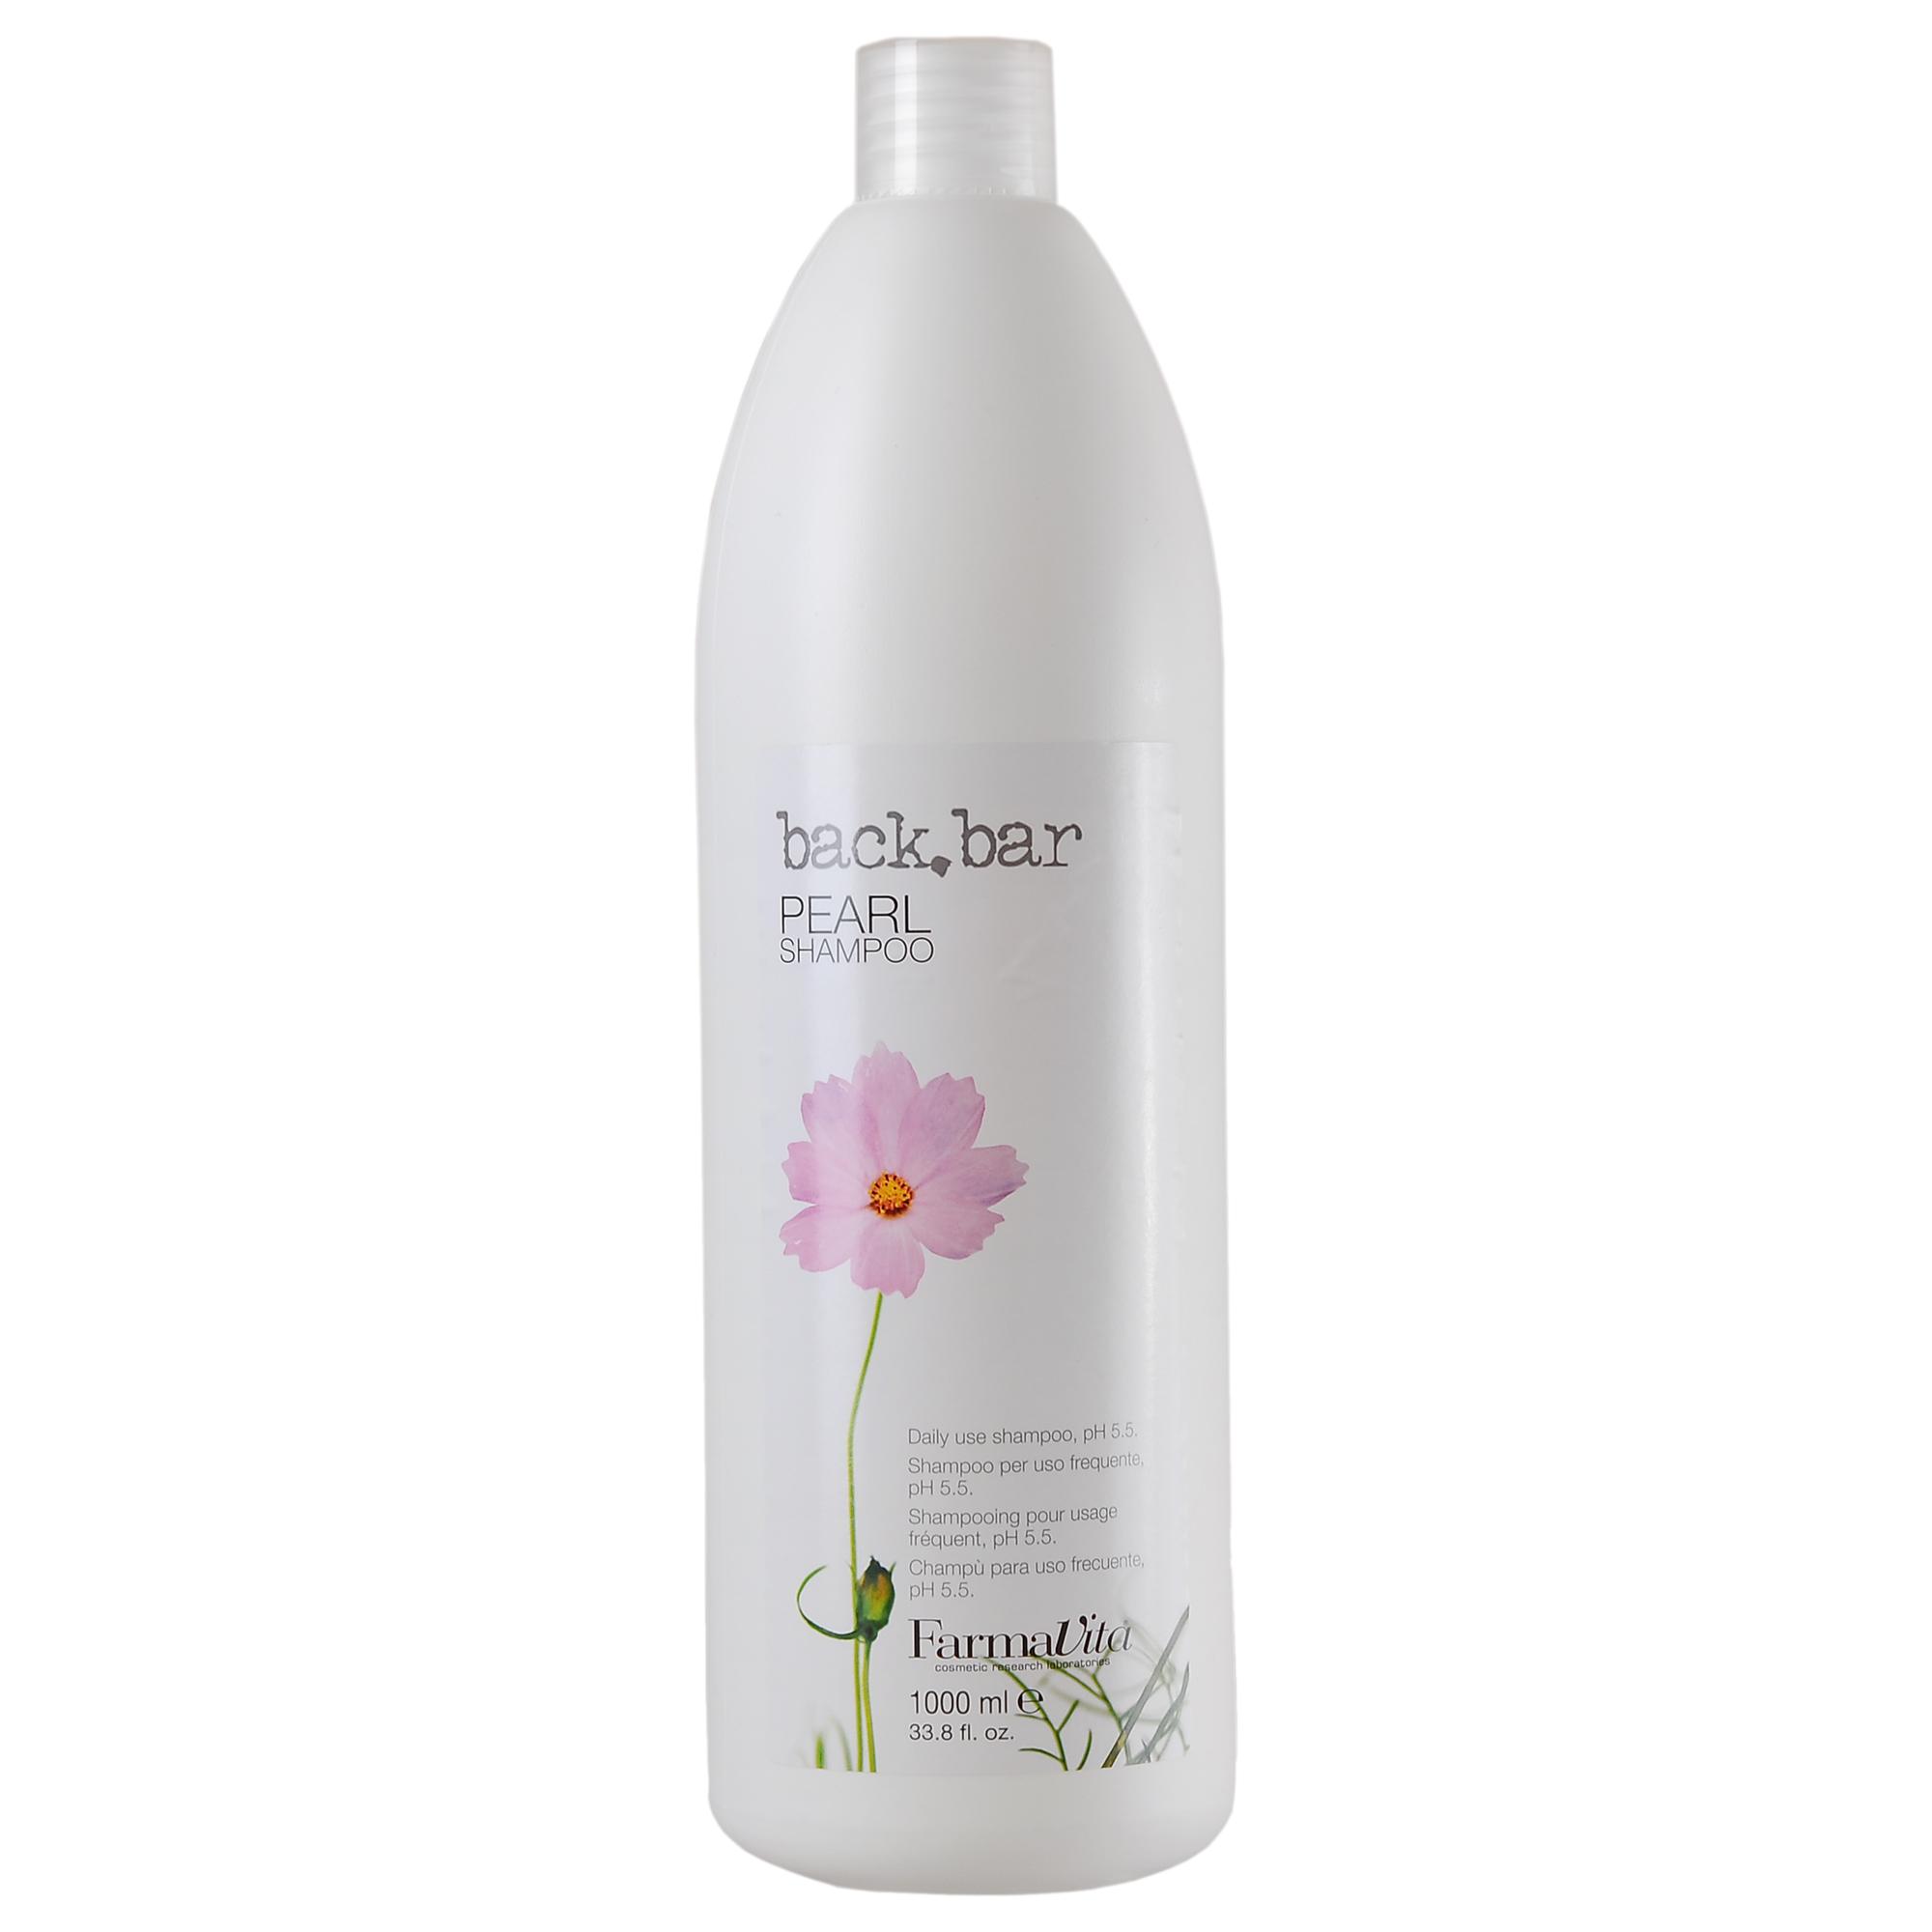 FARMAVITA Шампунь жемчужный Pearl Shampoo / BACK BAR 1000 млШампуни<br>Жемчужный шампунь Back Bar (Бэк бар перл) - увлажняющий и смягчающий шампунь для ежедневного использования, рН 5.5. Физиологический, для всех типов волос, включая сухие и ослабленные. Питает волосы, не утяжеляя их, регулирует рН кожи головы. Способ применения: ежедневный жемчужный шампунь Back Bar Pearl может использоваться с любым бальзамом или маской в зависимости от конкретной проблемы, которую нужно решить (питание, увлажнение, создание гладких причесок или объем).<br><br>Объем: 1000 мл<br>Вид средства для волос: Увлажняющий